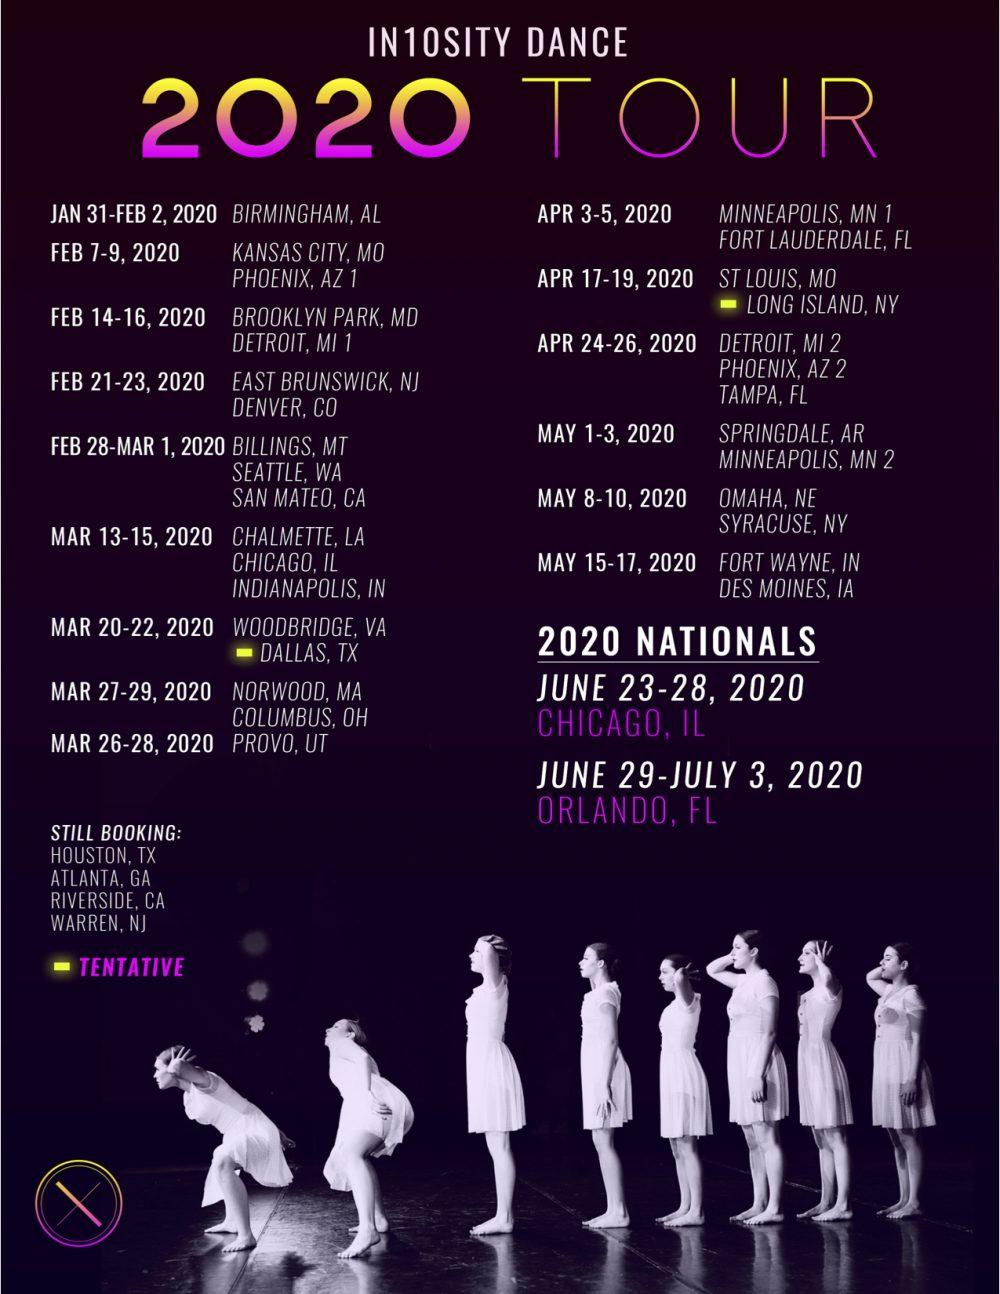 2020 Tour Dates 2020 Tour Dates : In10sity Dance